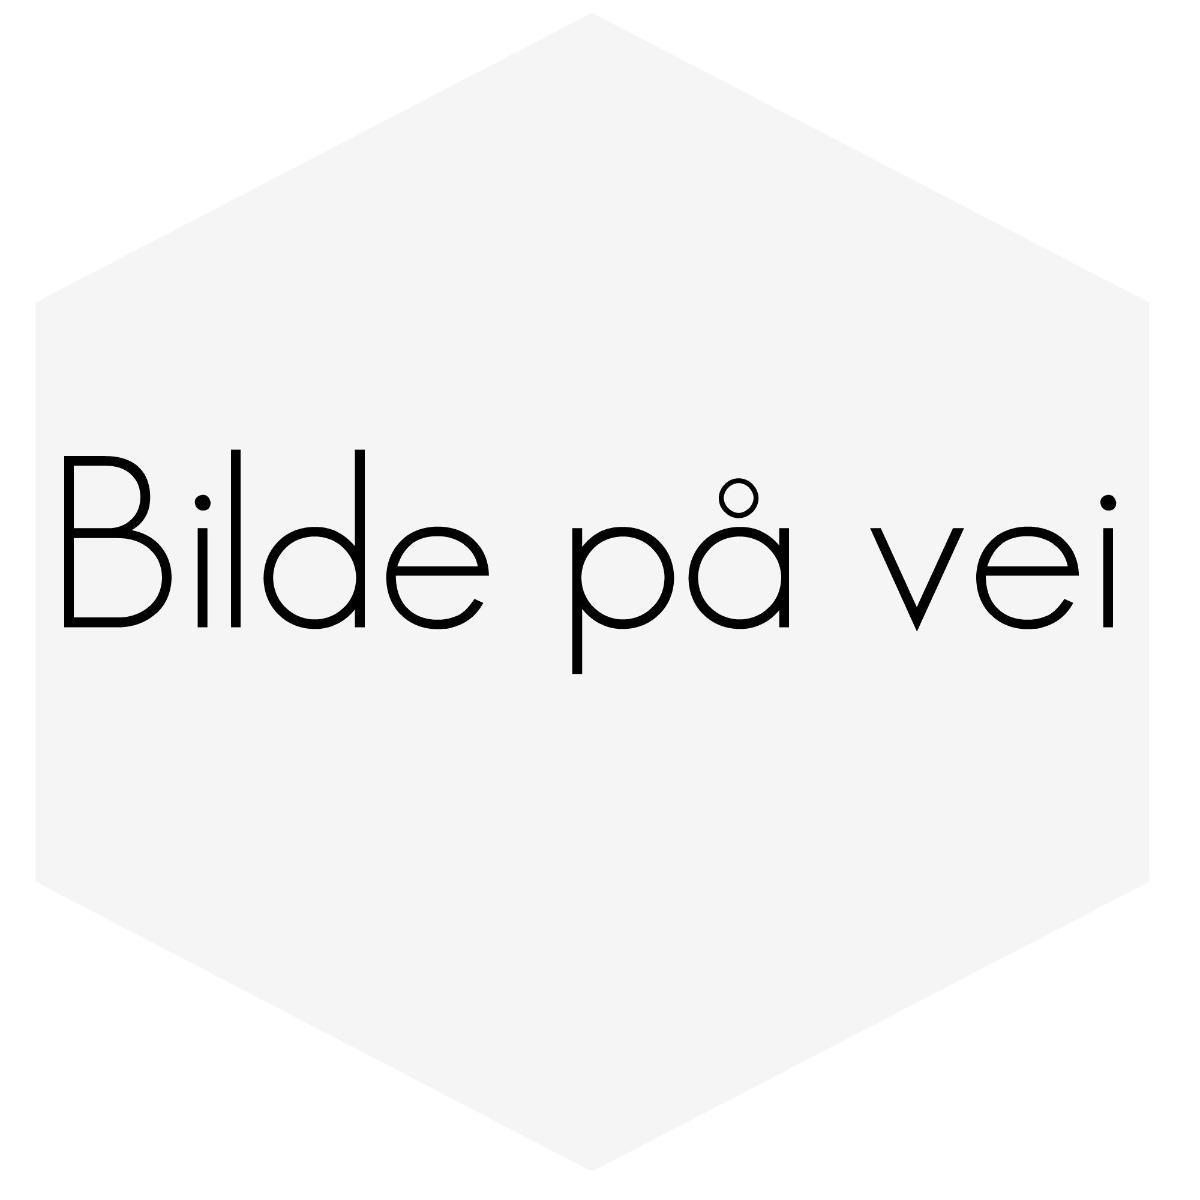 OLJEFILTER VOLVO 340,.76-88 + 400-89>3467632  LIK- W917/1